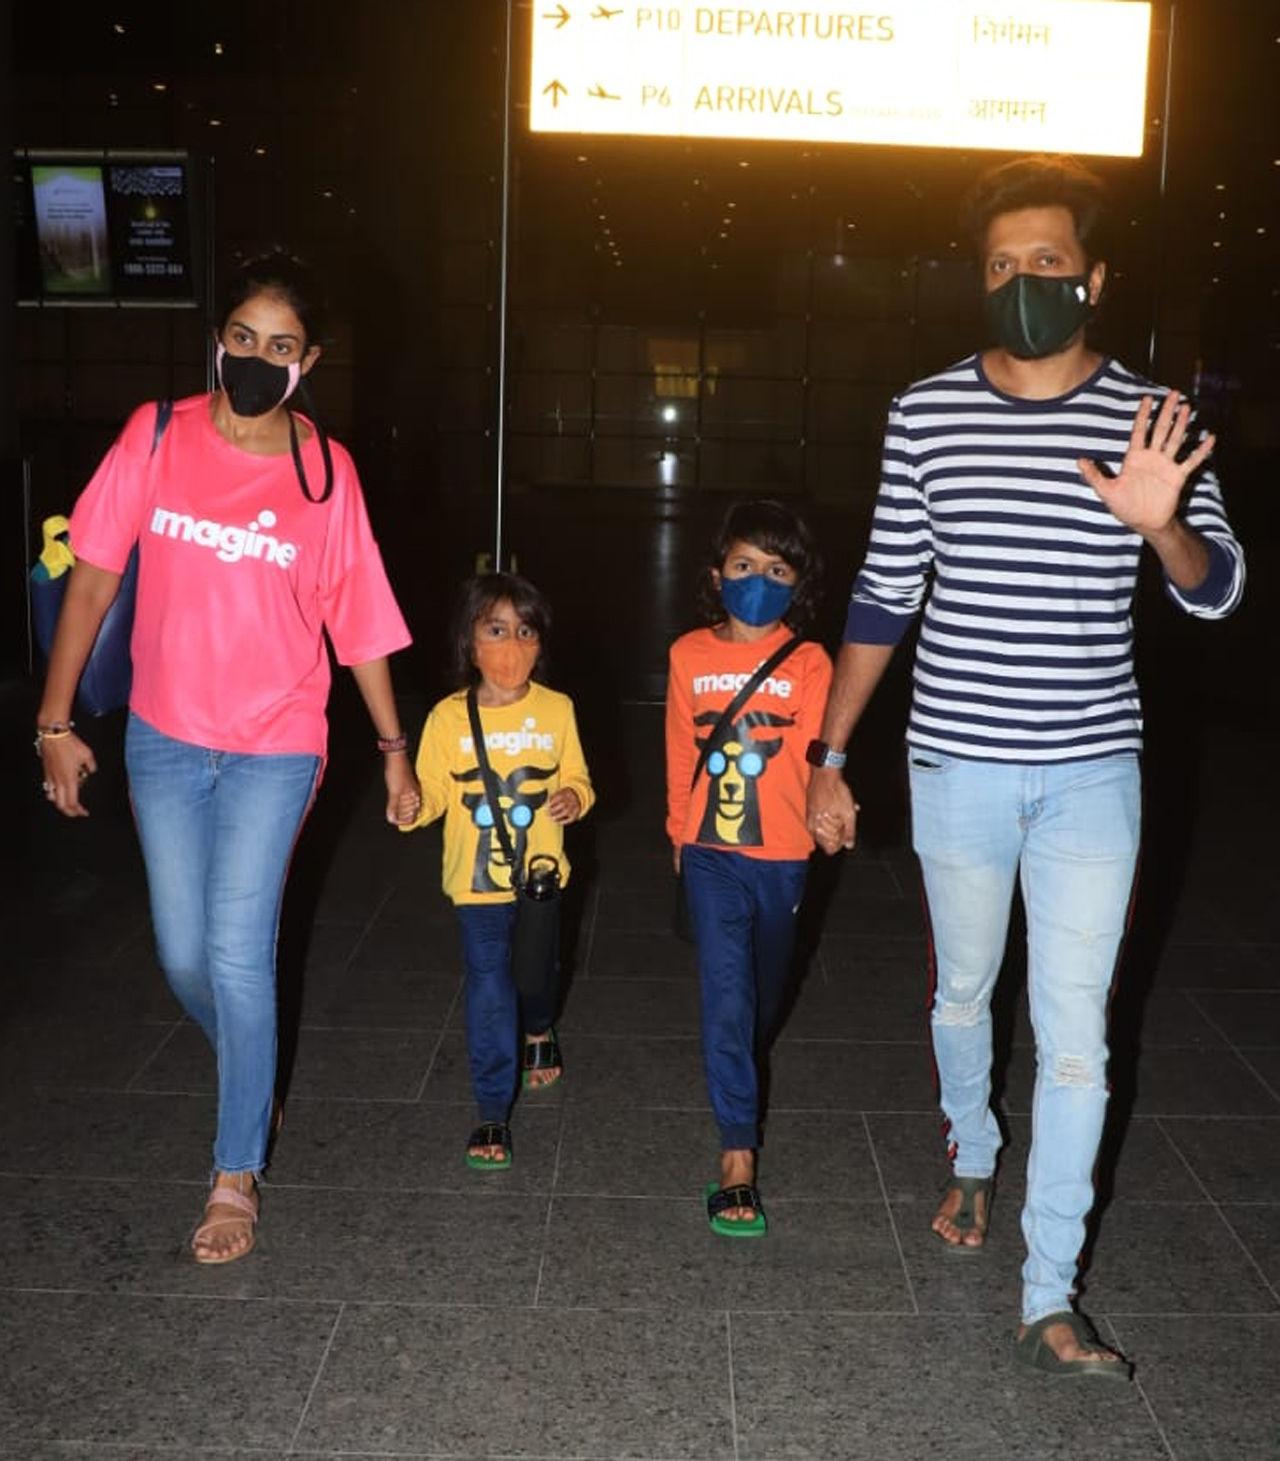 અભિનેતા હિમાંશ કોહલી પણ મુંબઈ એરપોર્ટ પર જોવા મળ્યો હતો. તેનો ટ્રાવેલ લુક એકદમ યુનિક અને કમ્ફર્ટેબલ હતો. અભિનેતાને તેના લુક્સ સાથે એક્સપ્રિમેન્ટકરવાનું ગમે છે.